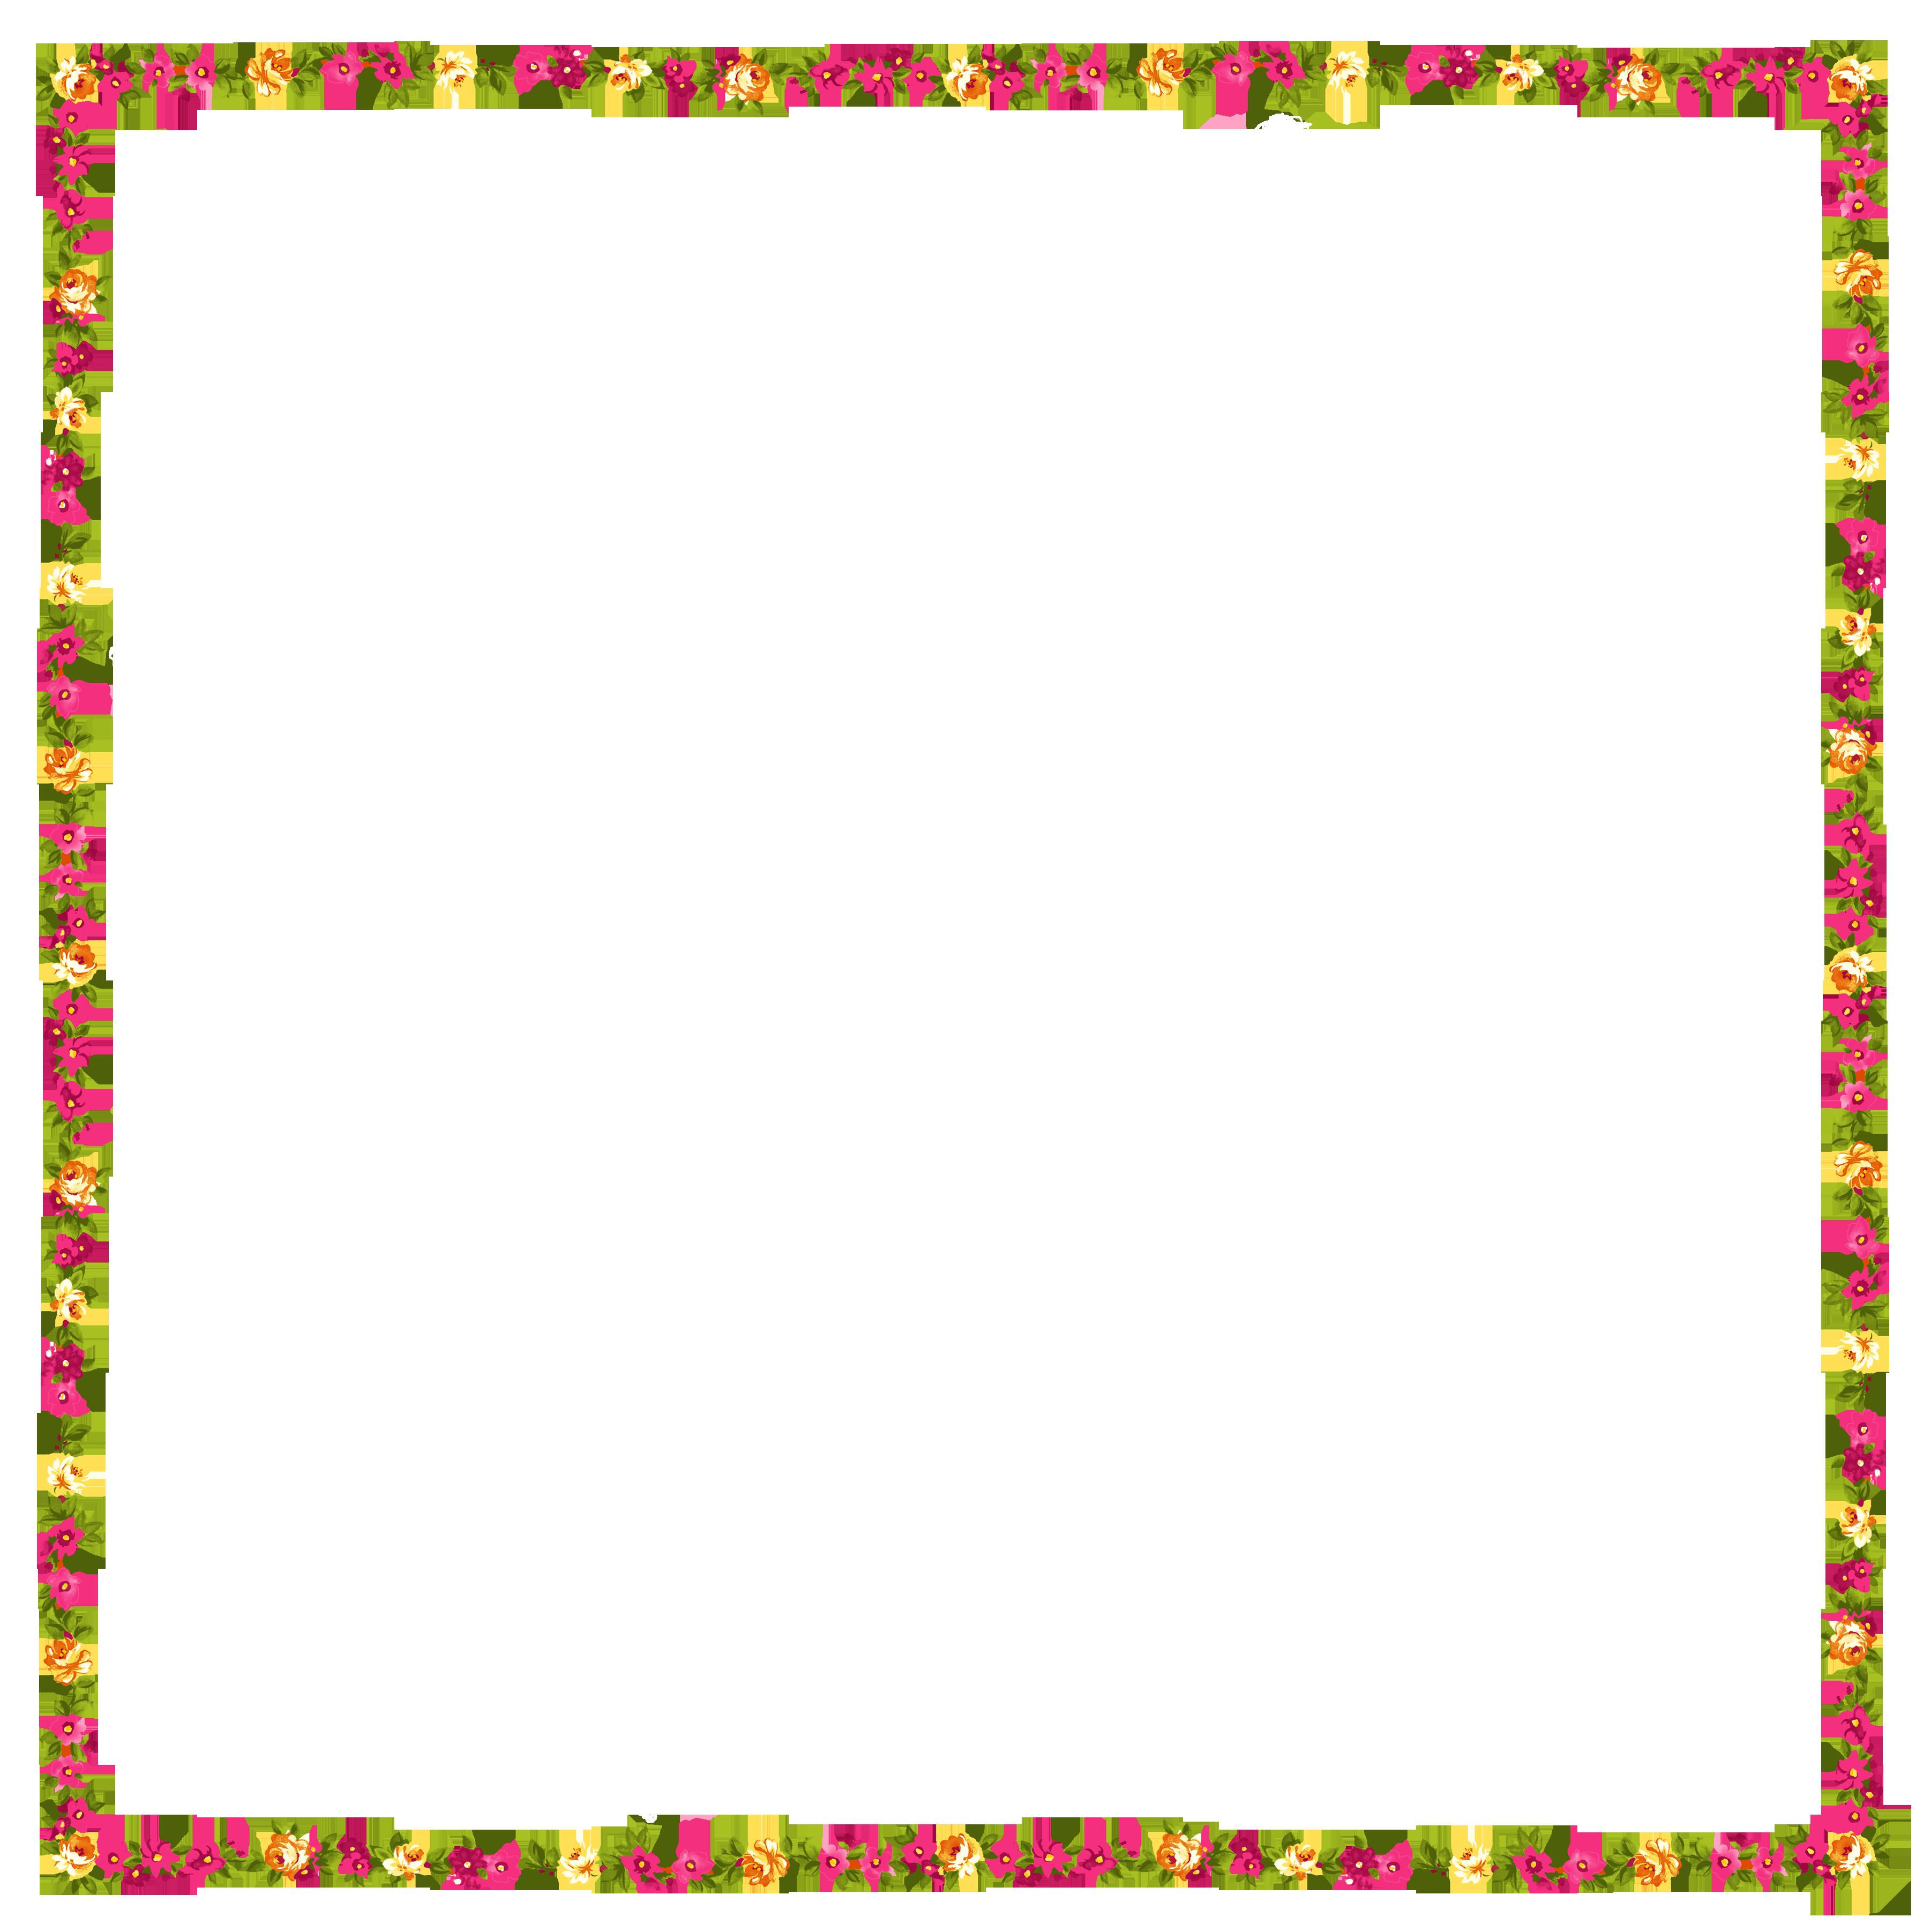 Transparent floral frame decor. Clipart frames flower